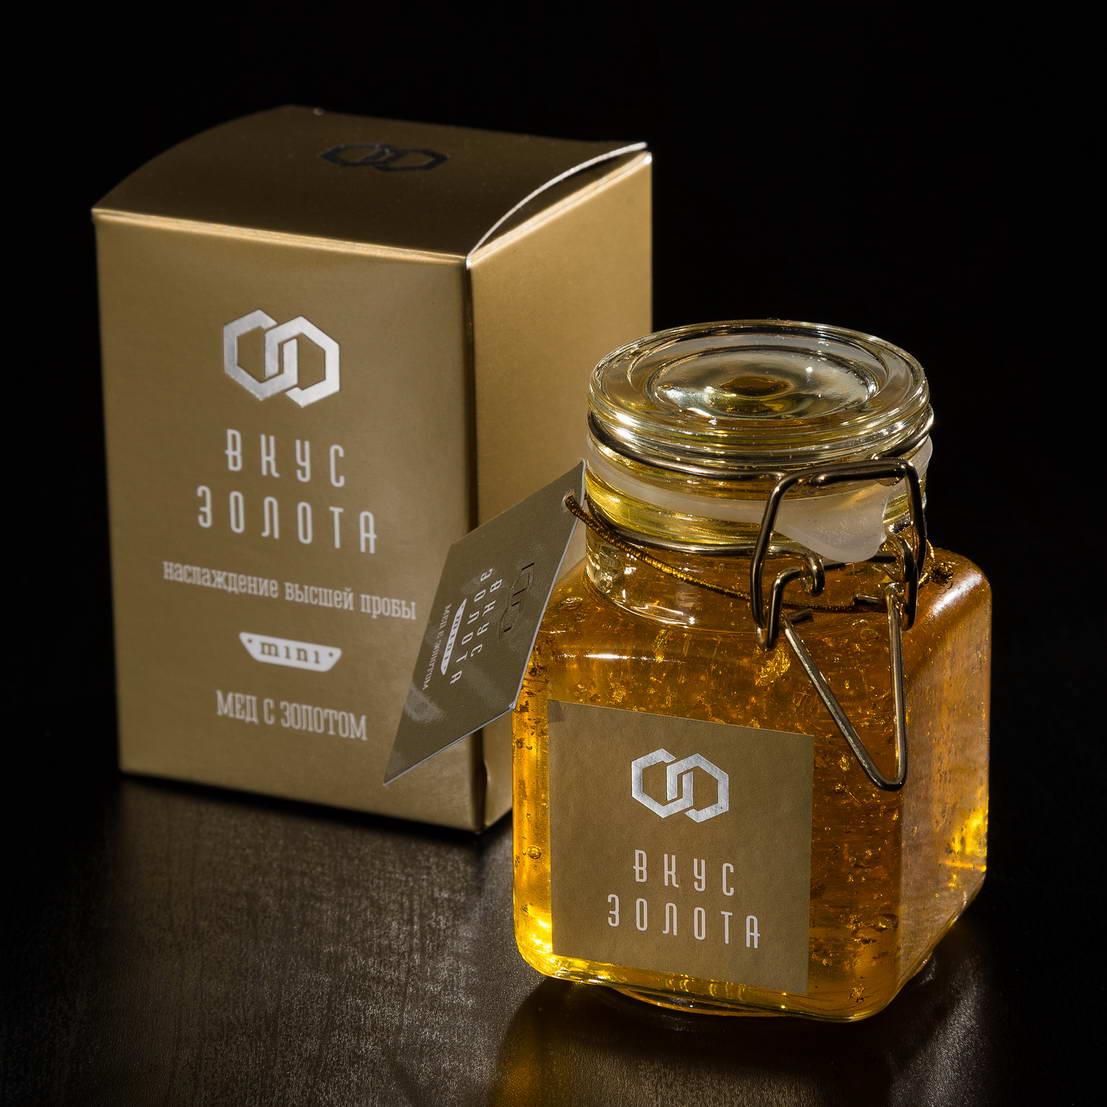 التعبئة والتغليف تصميم العسل طعم الذهب مصغرة